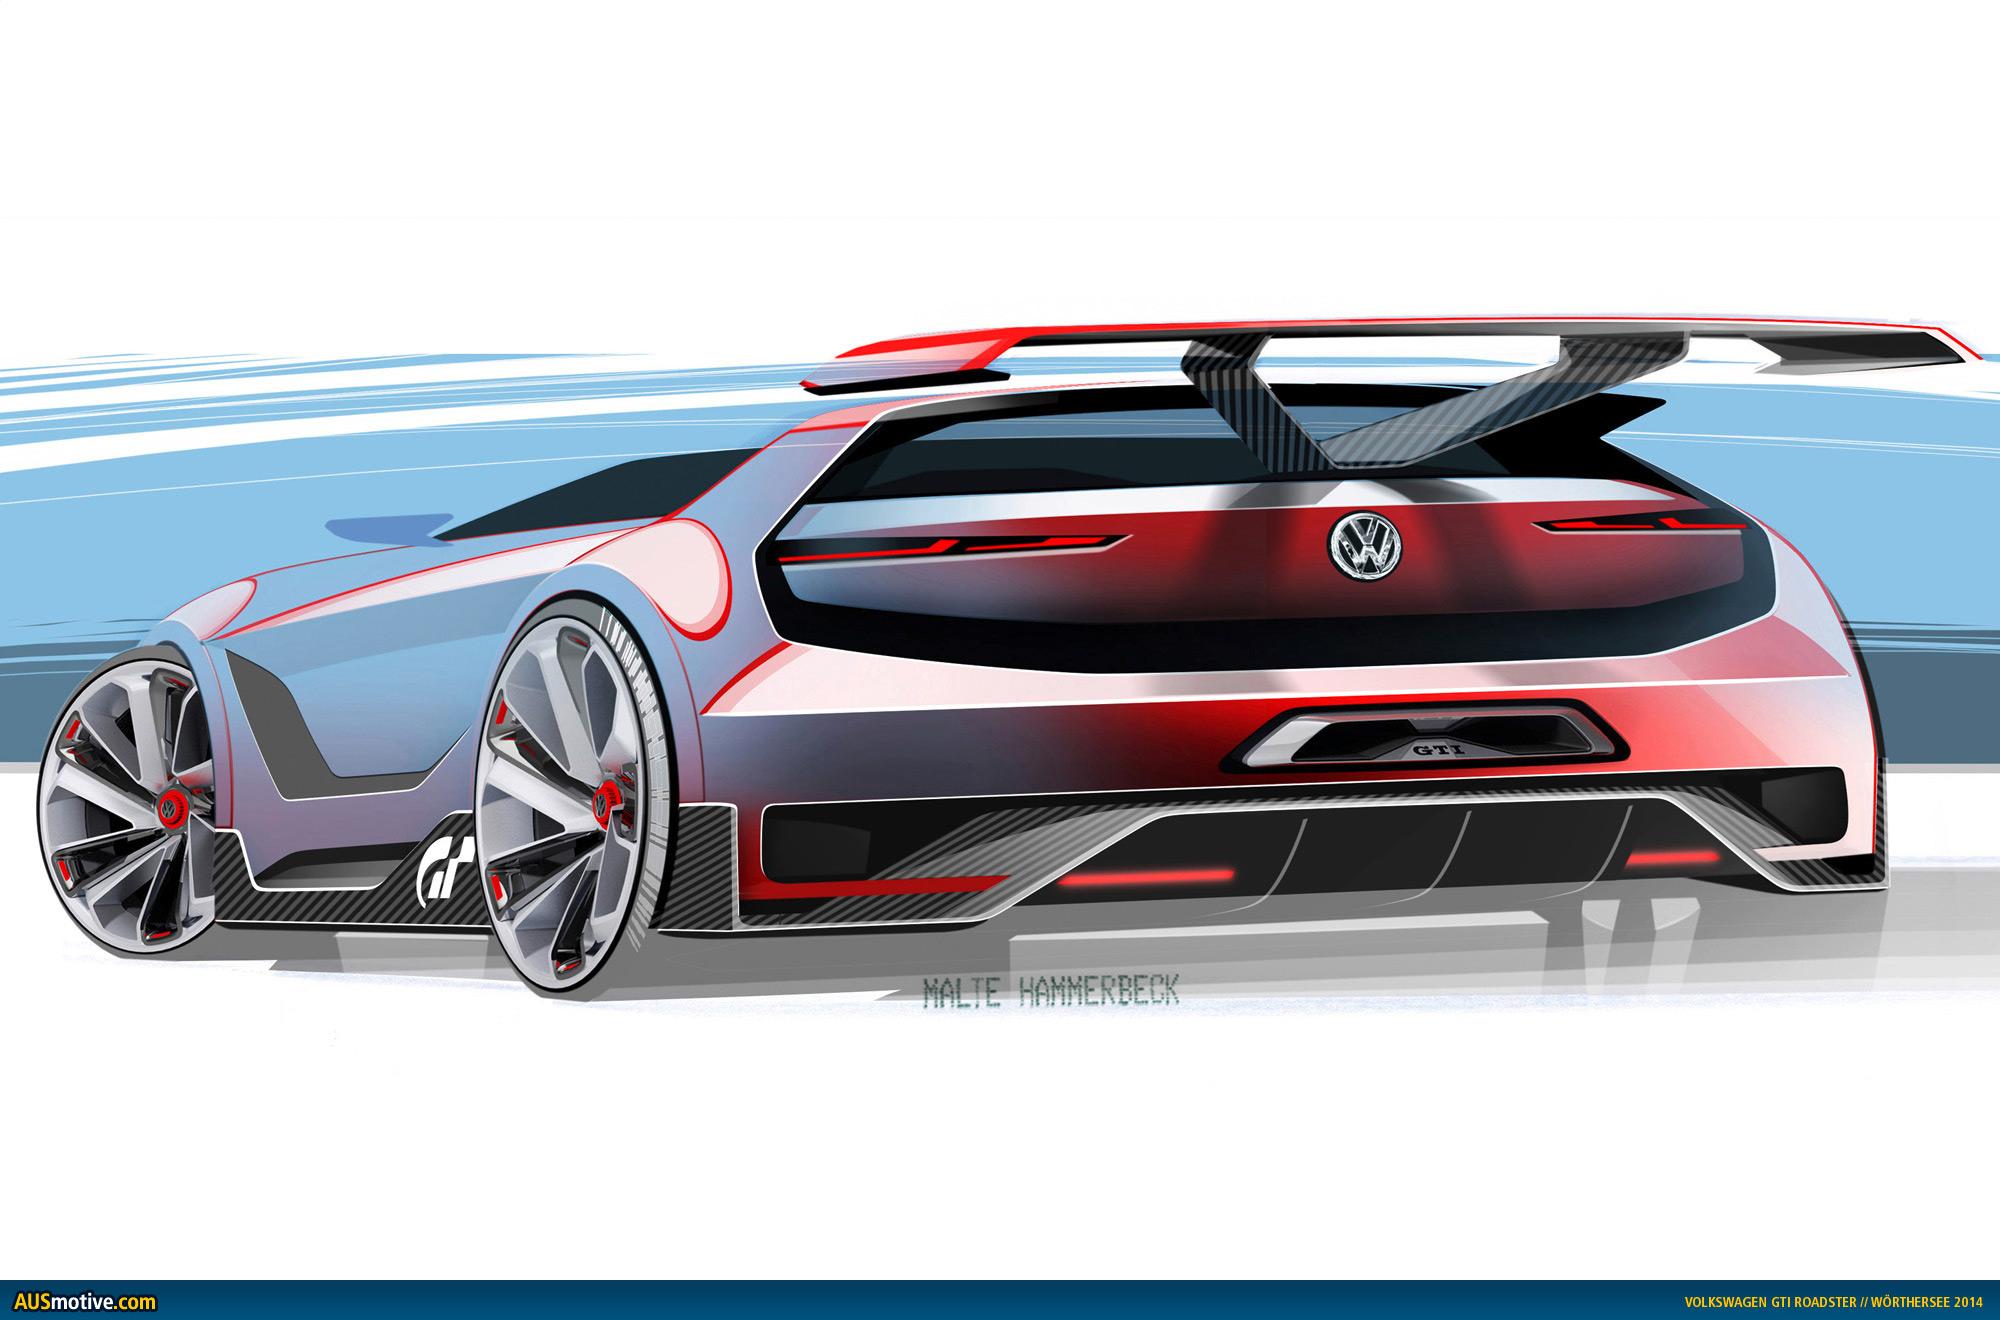 AUSmotive Wörthersee 2014 Volkswagen GTI Roadster